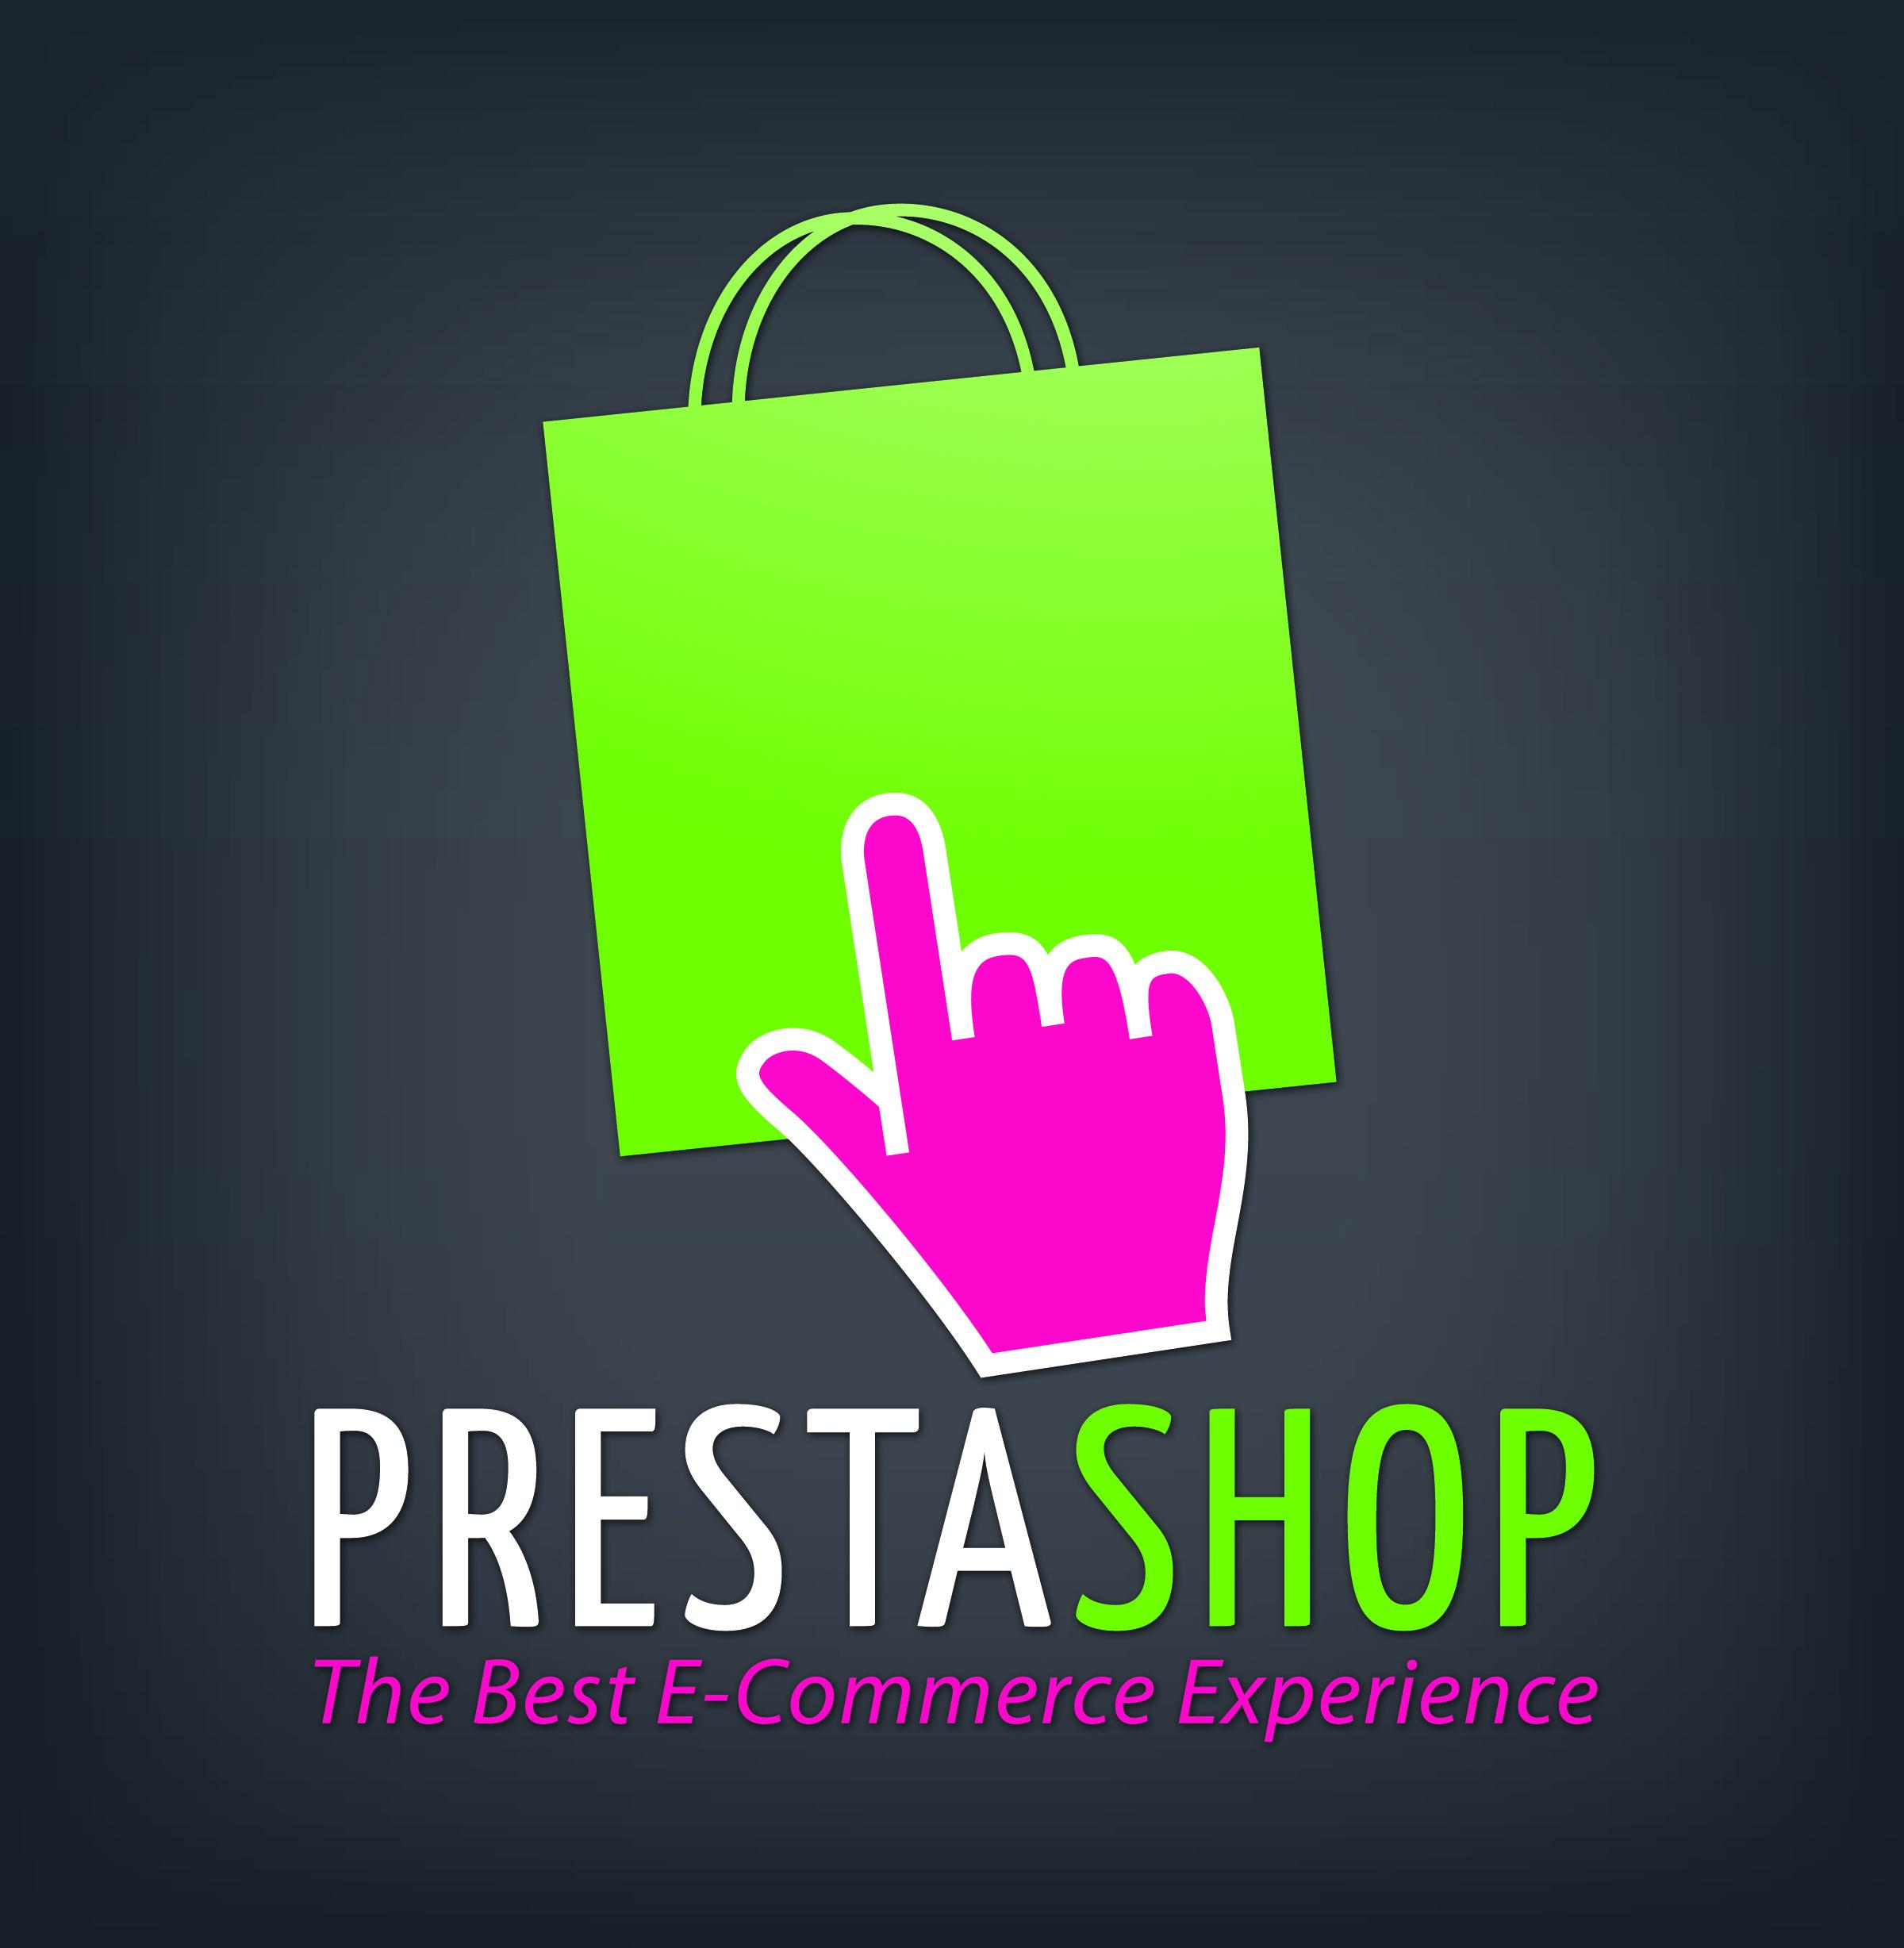 You Should Know About The Premium Prestashop Templates